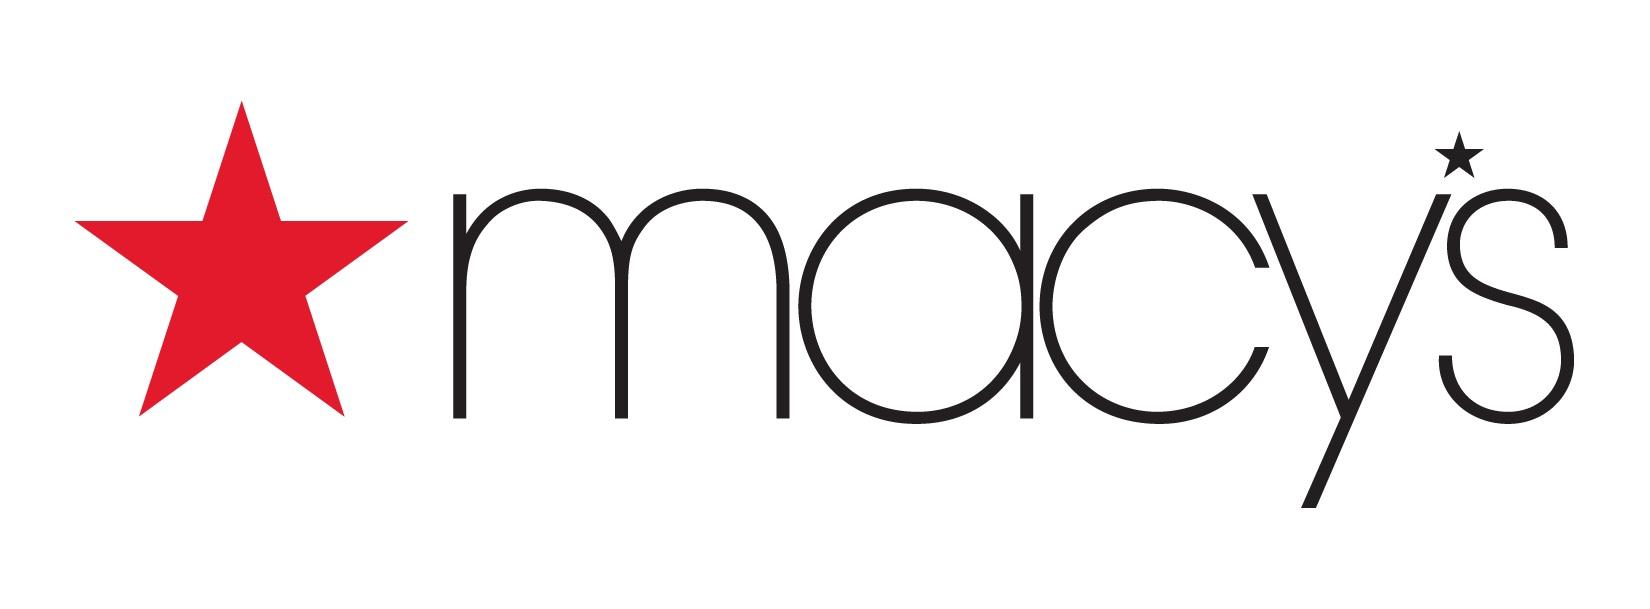 macys-logo-transparent_1446205865425_414375_ver1.0.jpg